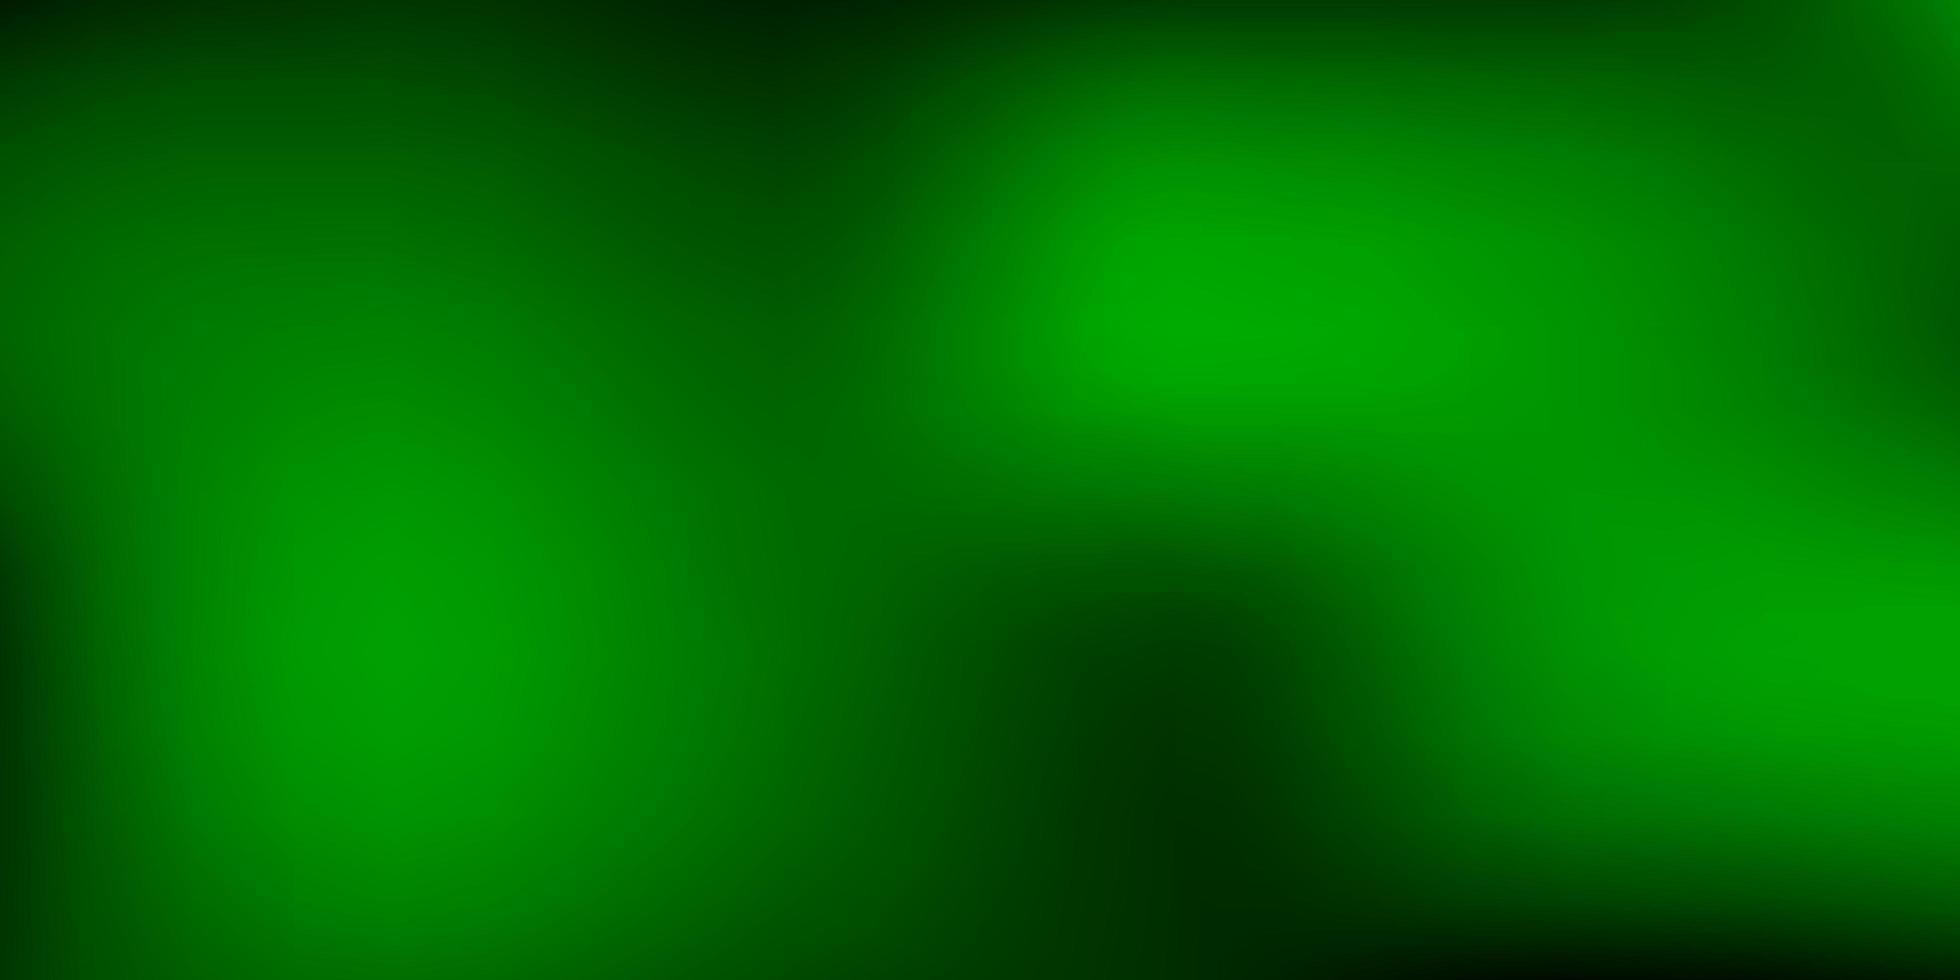 abstrato de vetor verde escuro desfocar o pano de fundo.